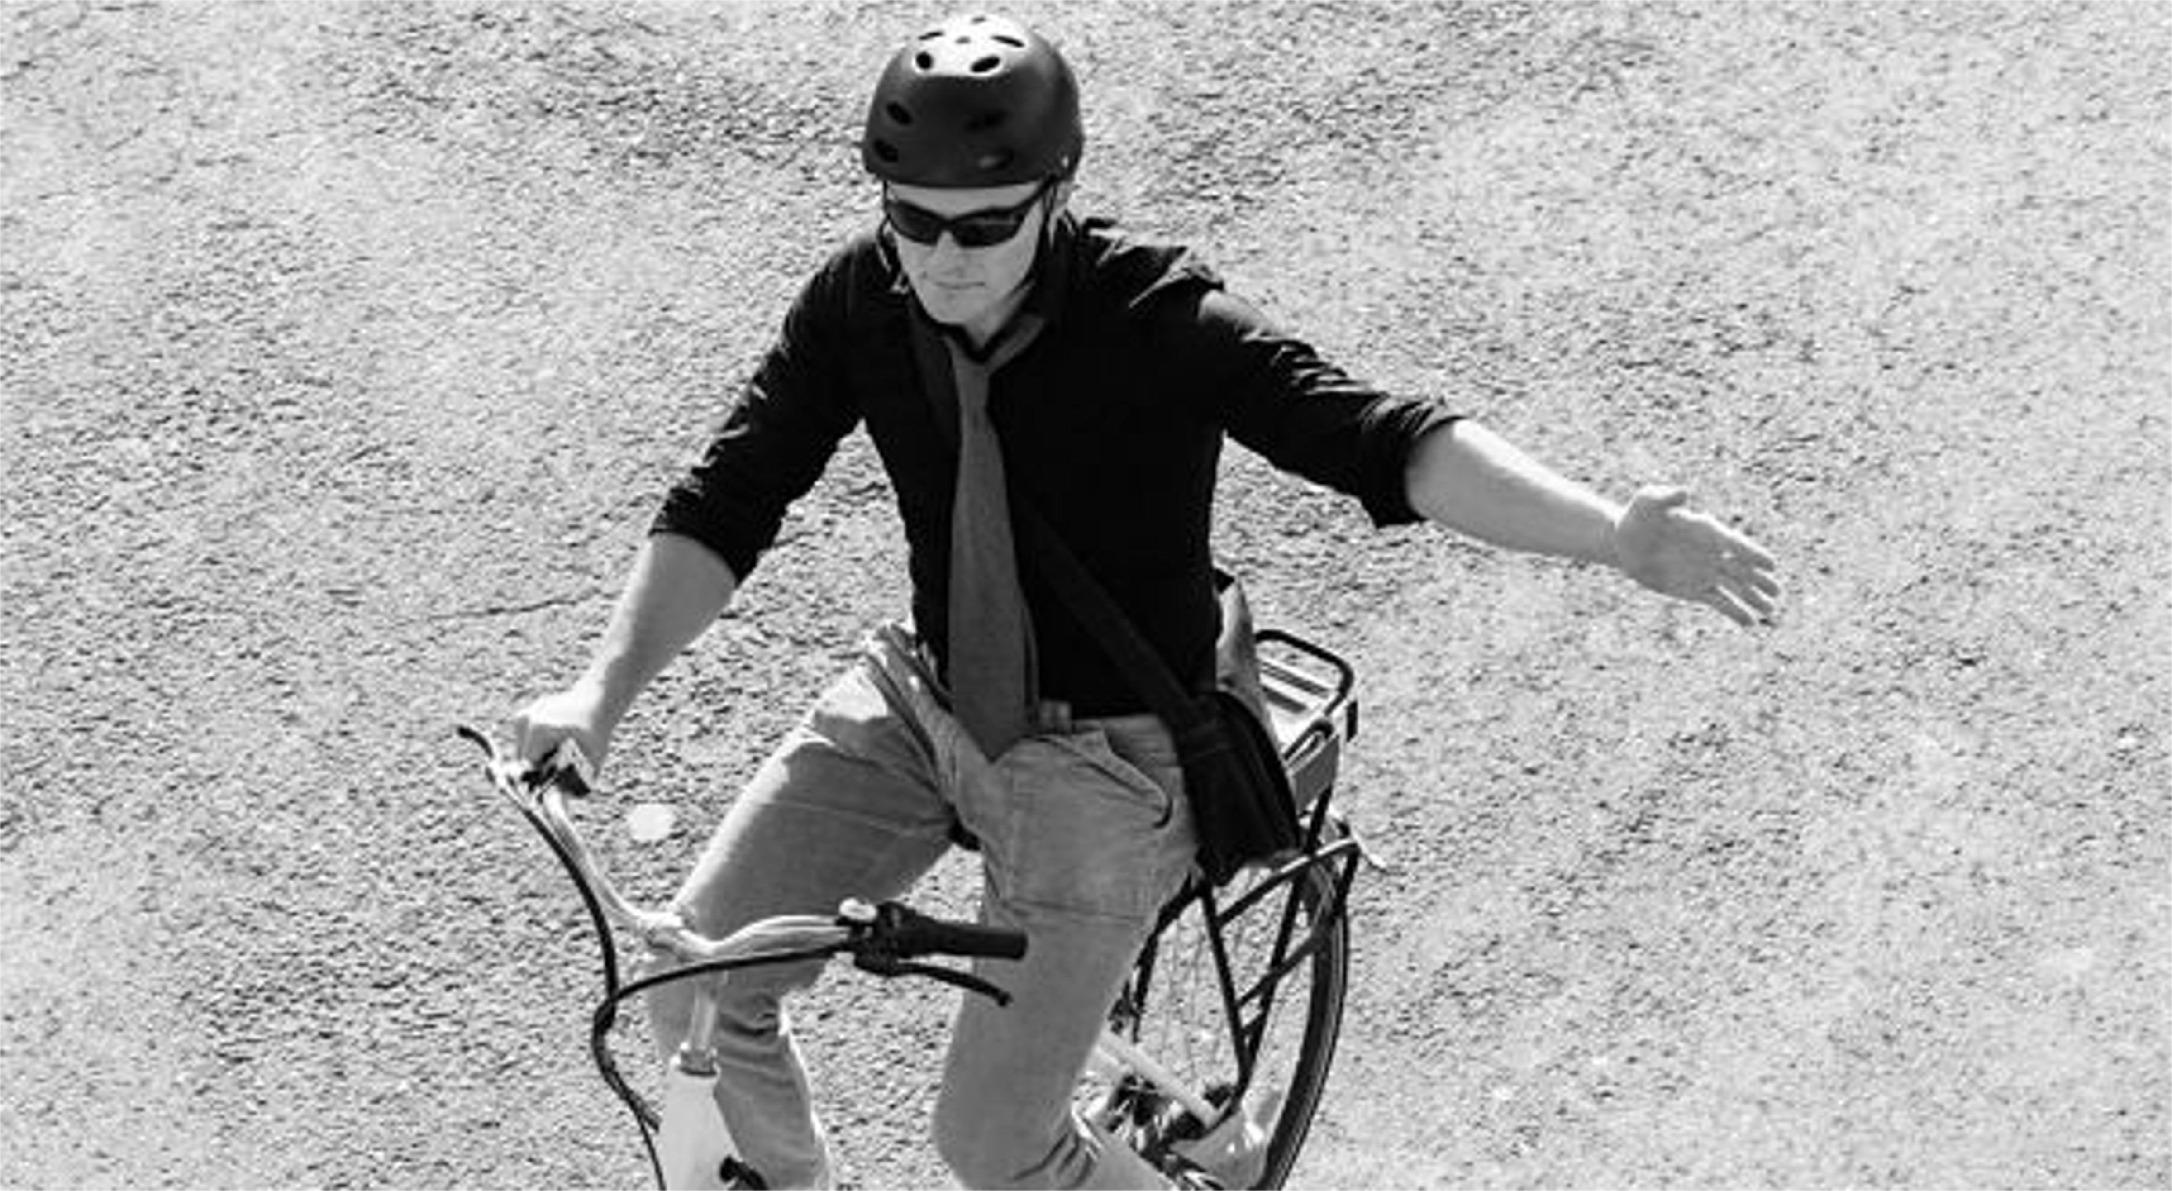 Ciclista señalizando giro